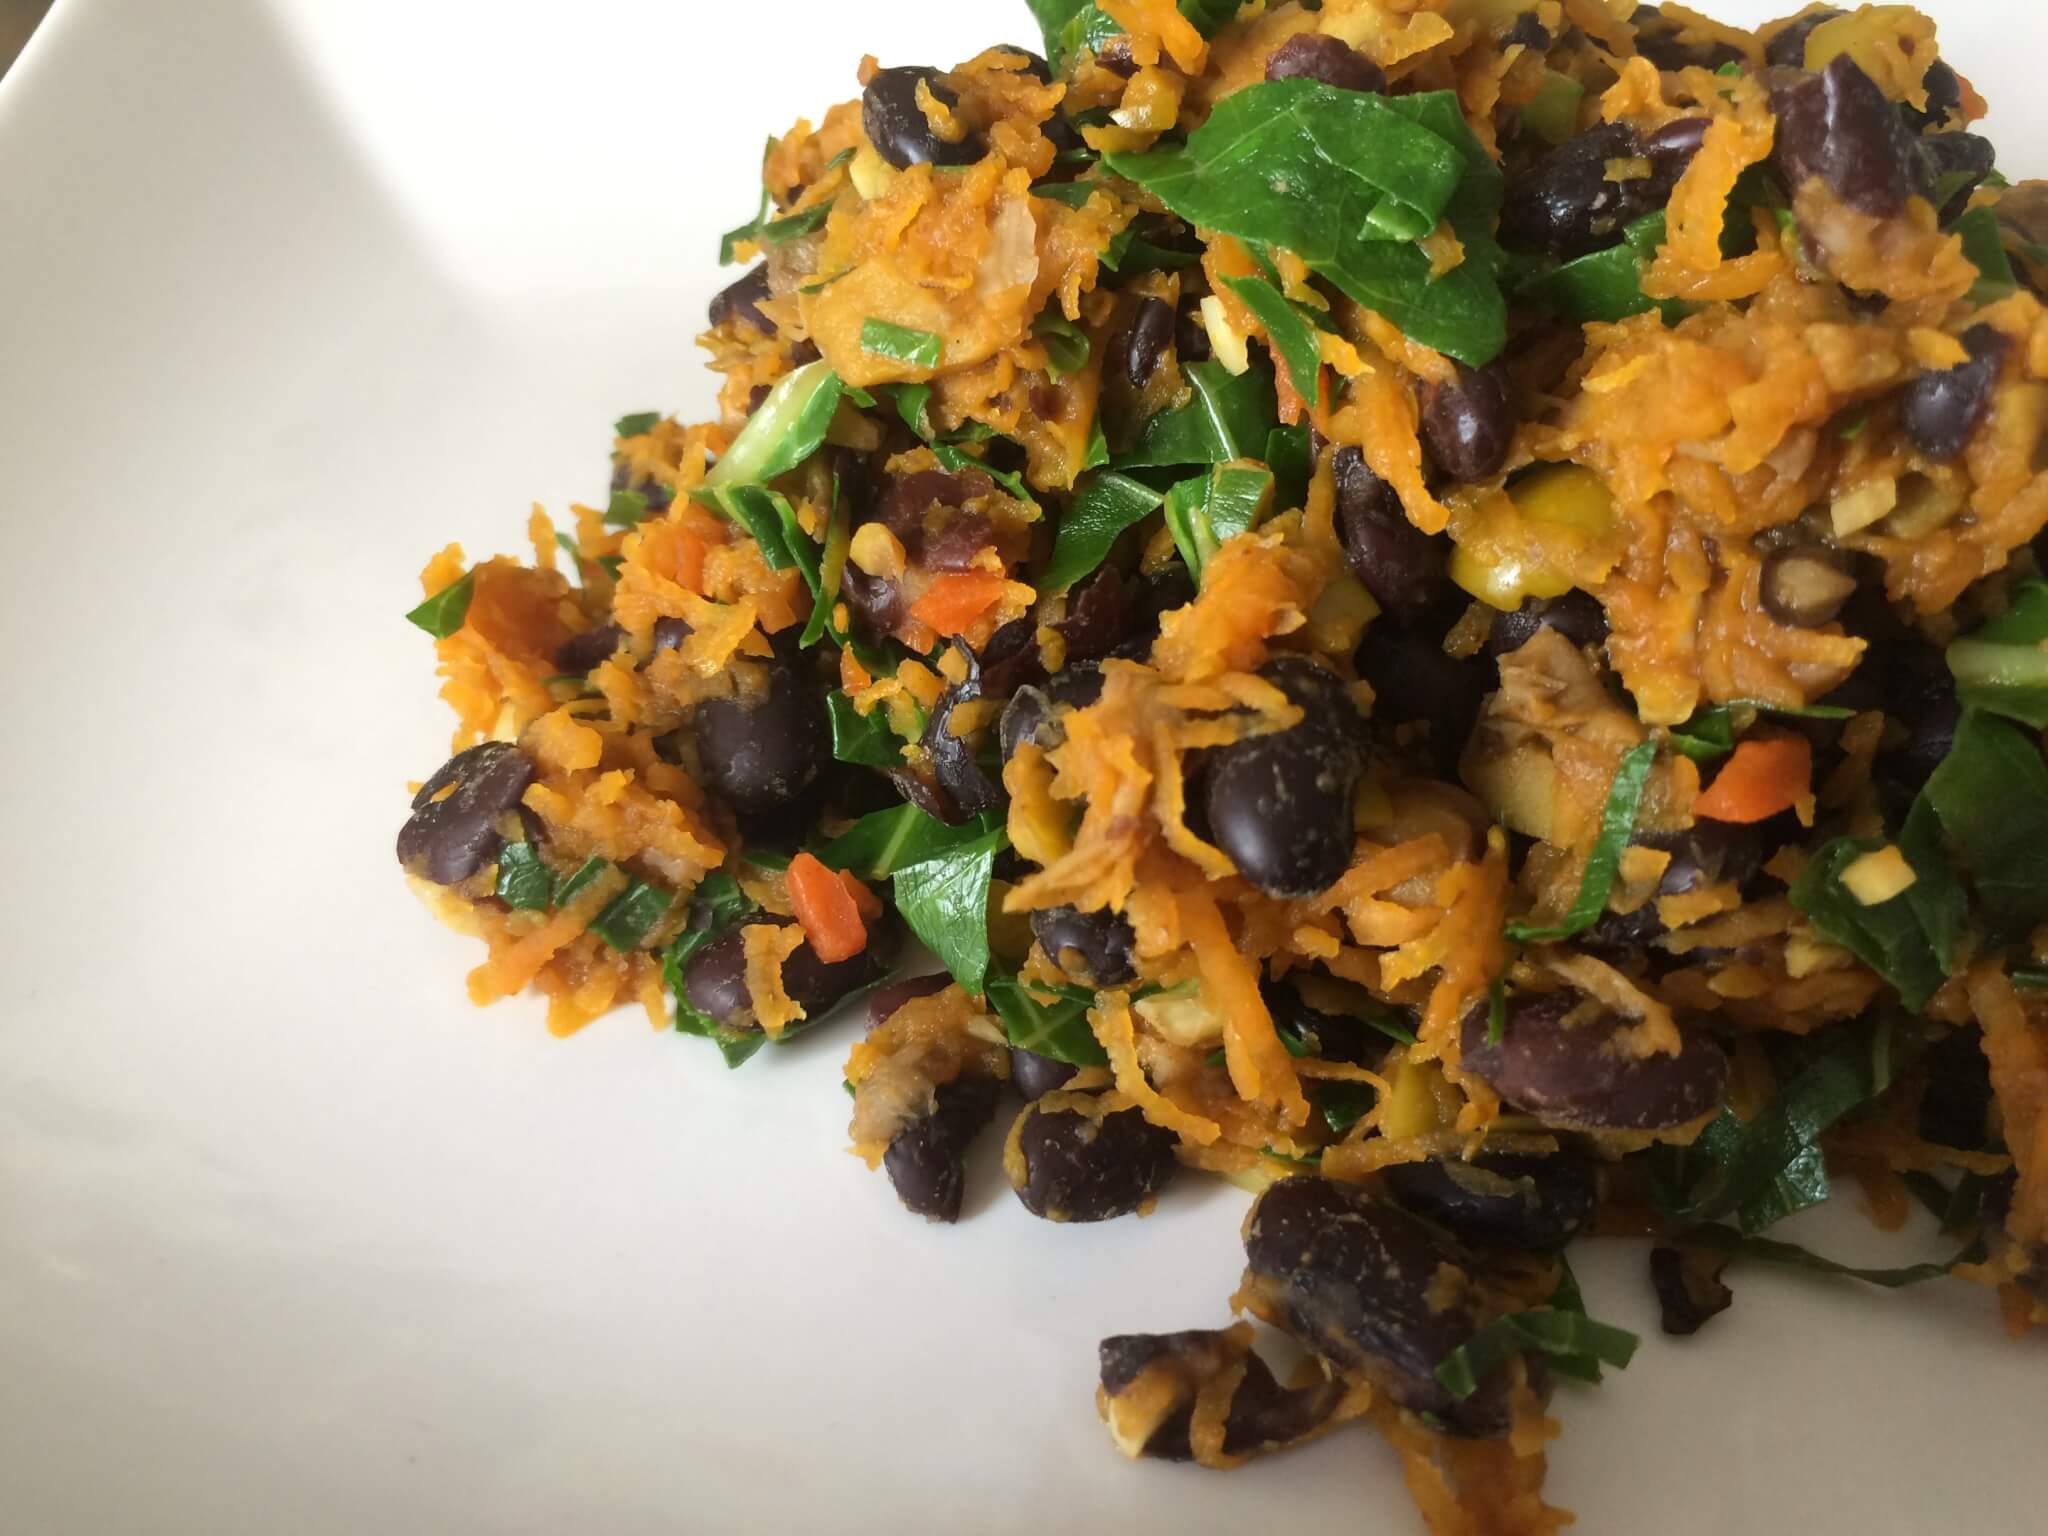 Salada de feijão preto, cenoura, azeitona, e couve